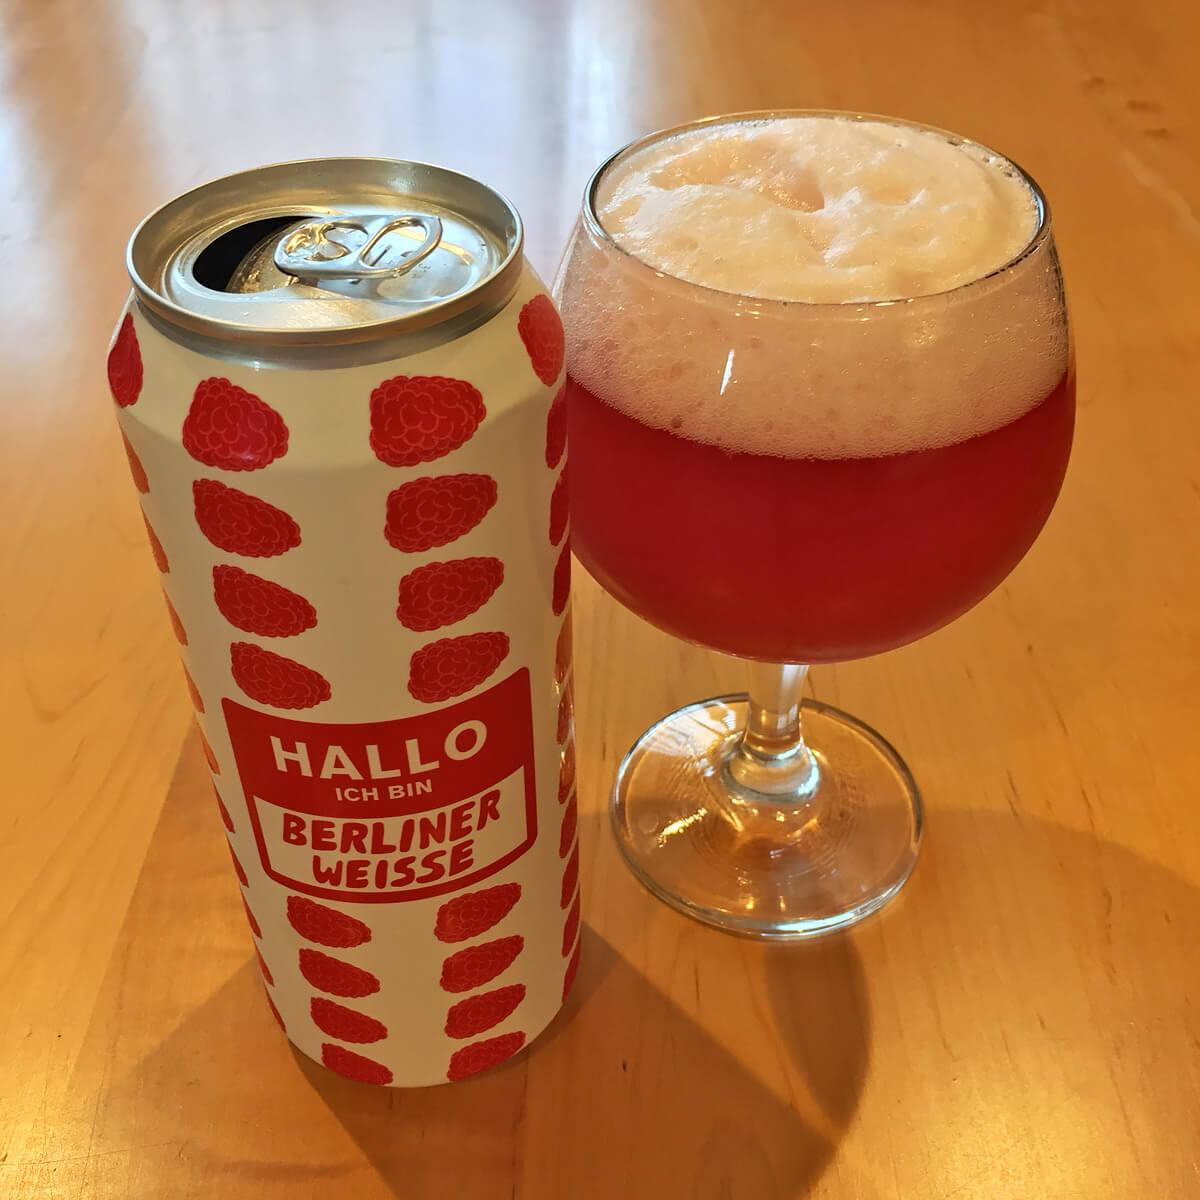 Hallo Ich Bin Berliner Weisse (Raspberry) is a Raspberry-flavored Berliner Weisse style beers brewed by Mikkeller ApS